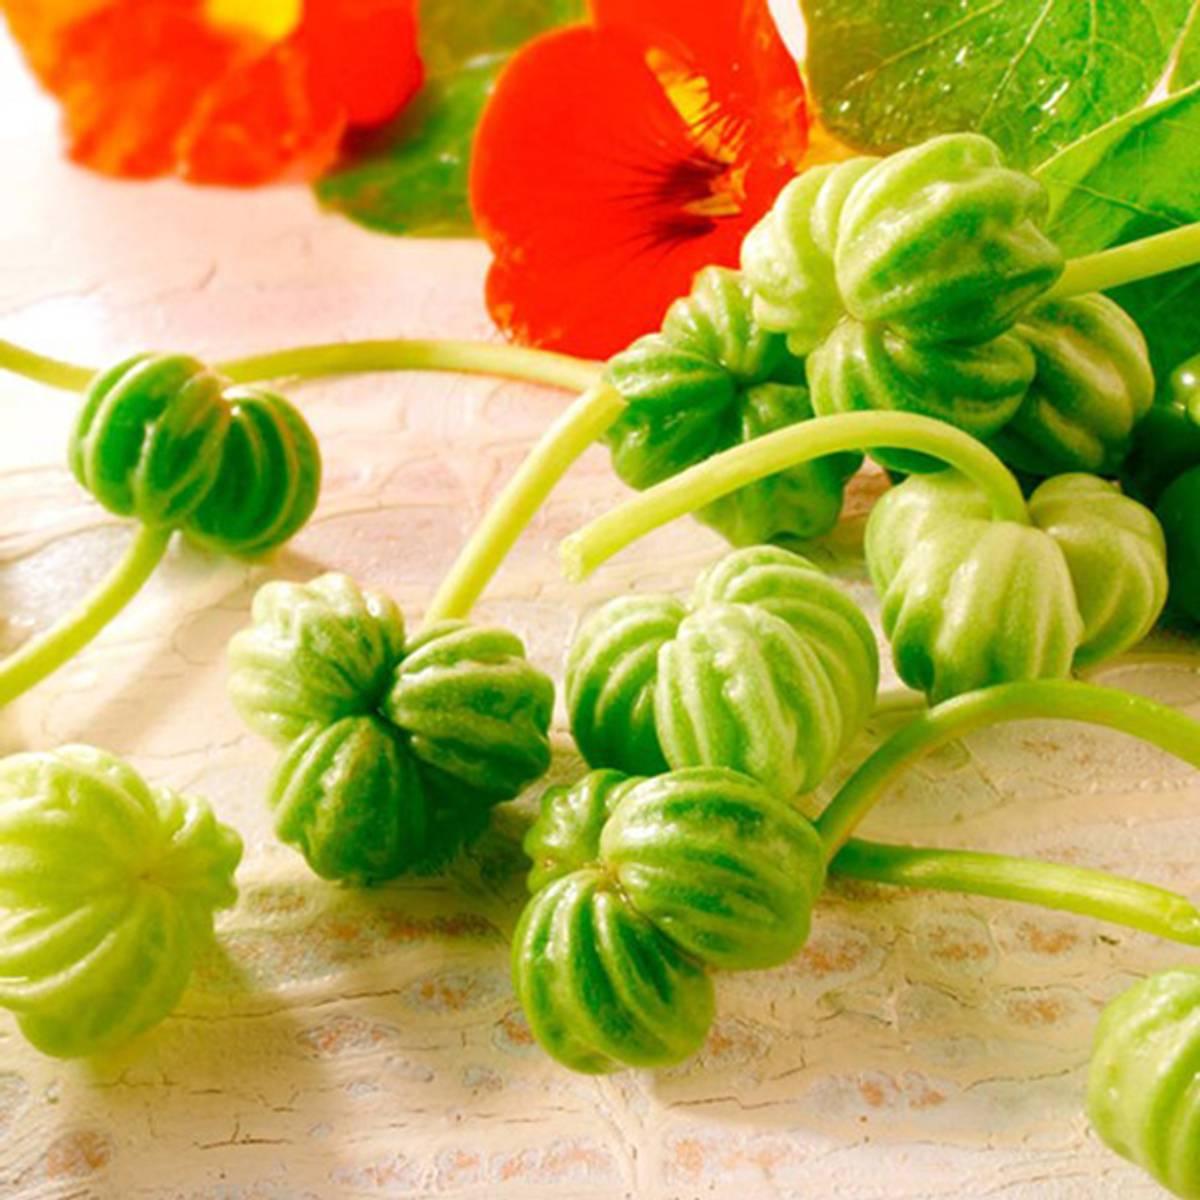 Blomkarsesalat Nasturtium Leaves Seeds